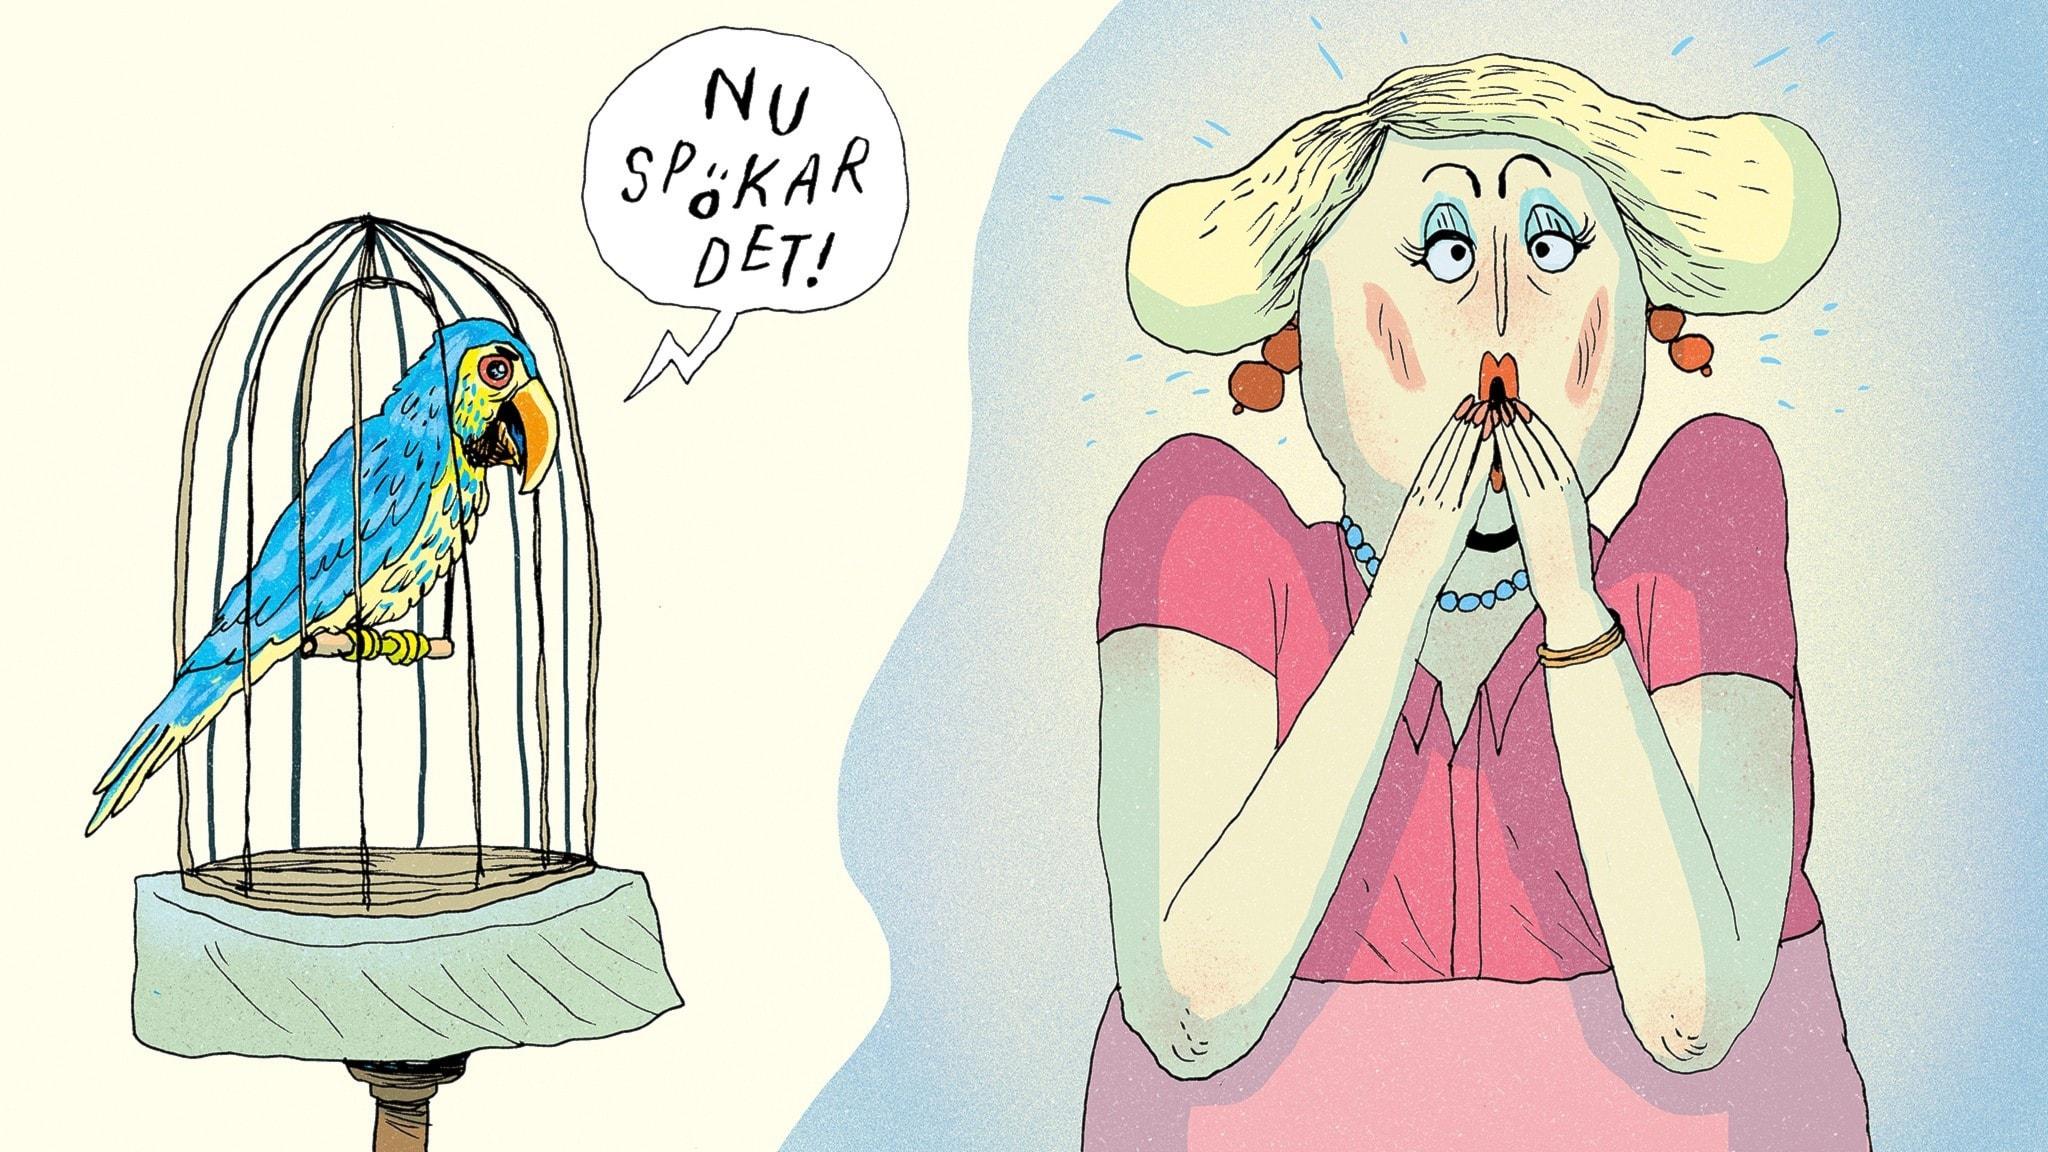 """En papegoja i en bur säger """"Nu spökar det"""" och Matildas mamma hör det och blir rädd. Bild: Erik Svetoft"""